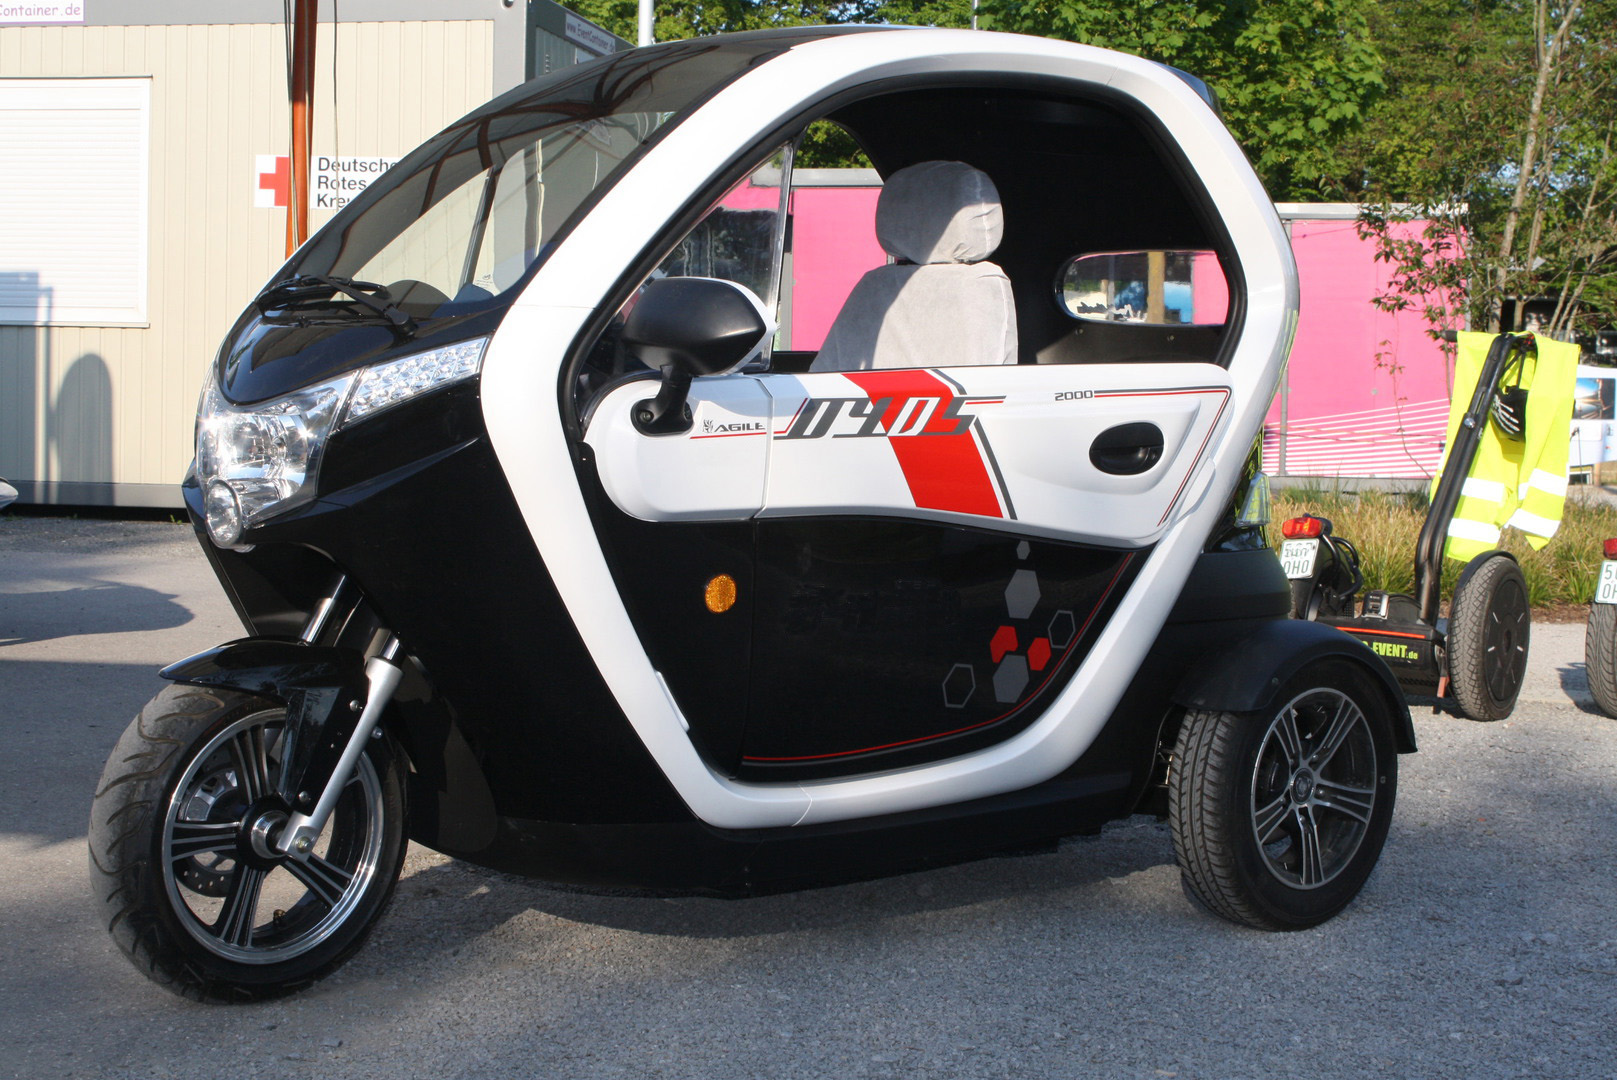 Rad führerschein 3 auto Peugeot Metropolis